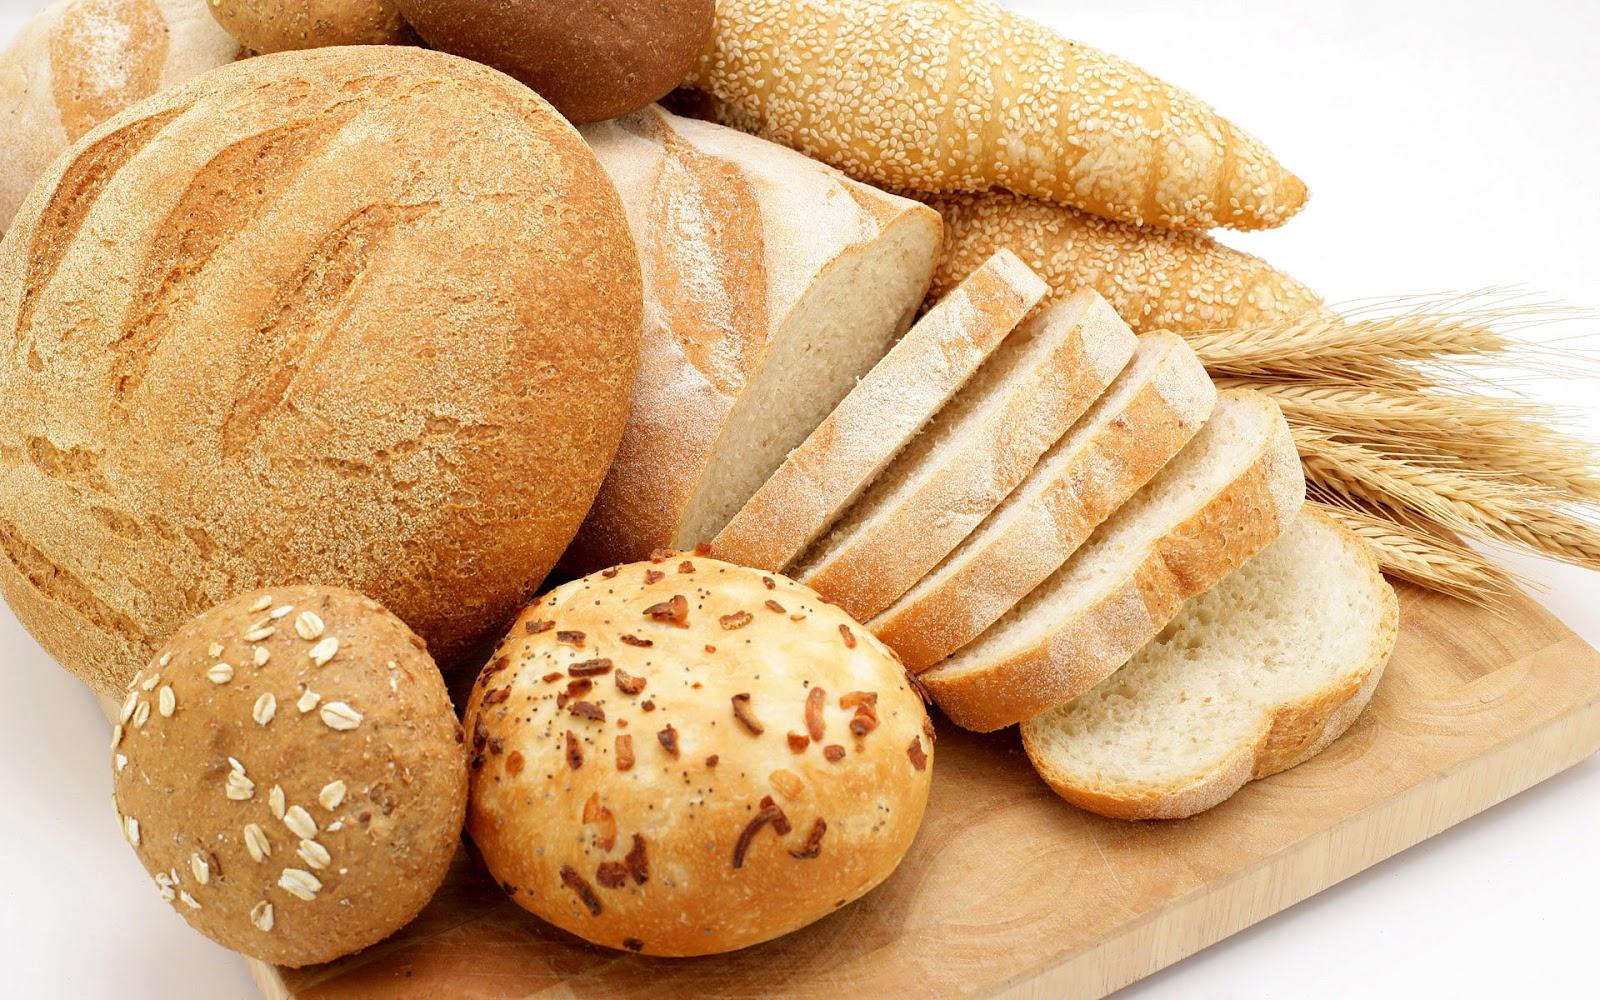 Www 3d Wallpaper Download Com Heerlijk Vers Brood Achtergrond Mooie Leuke